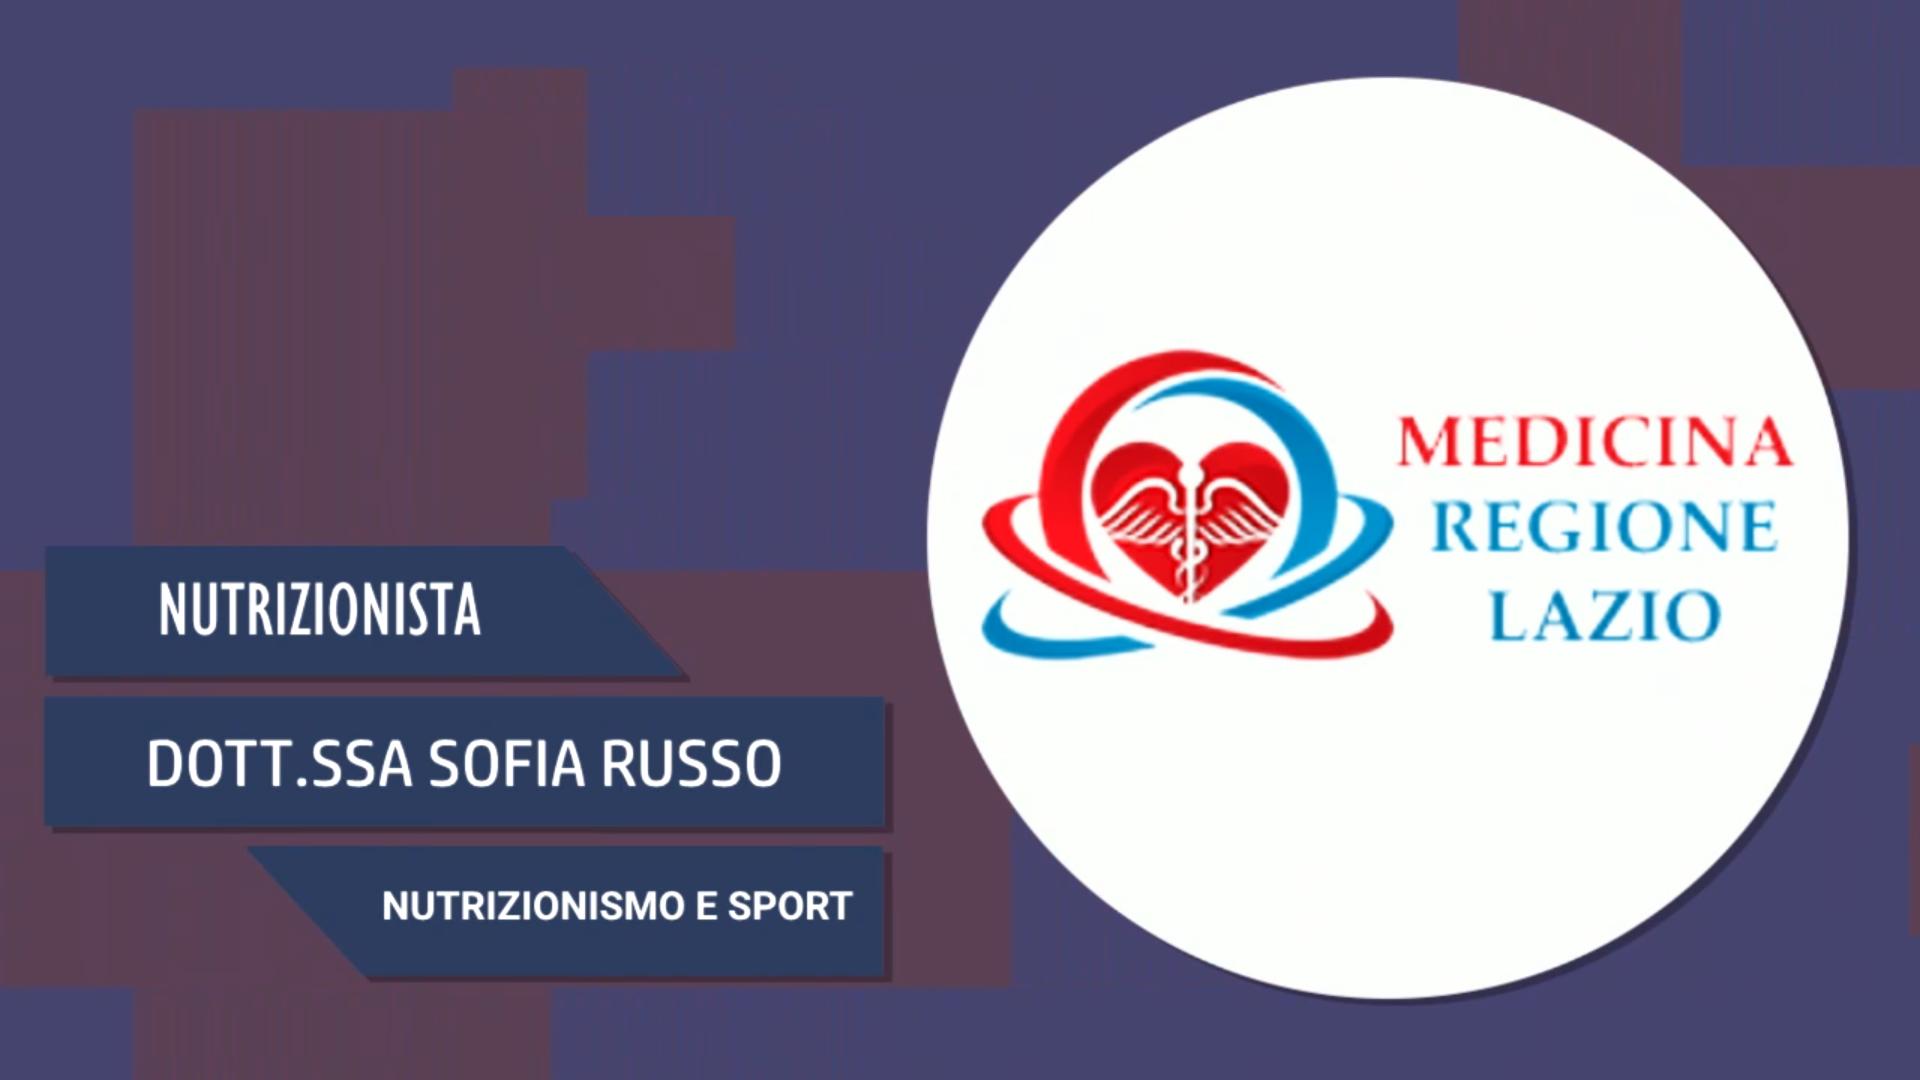 Intervista alla Dott.ssa Sofia Russo – Nutrizionismo e sport